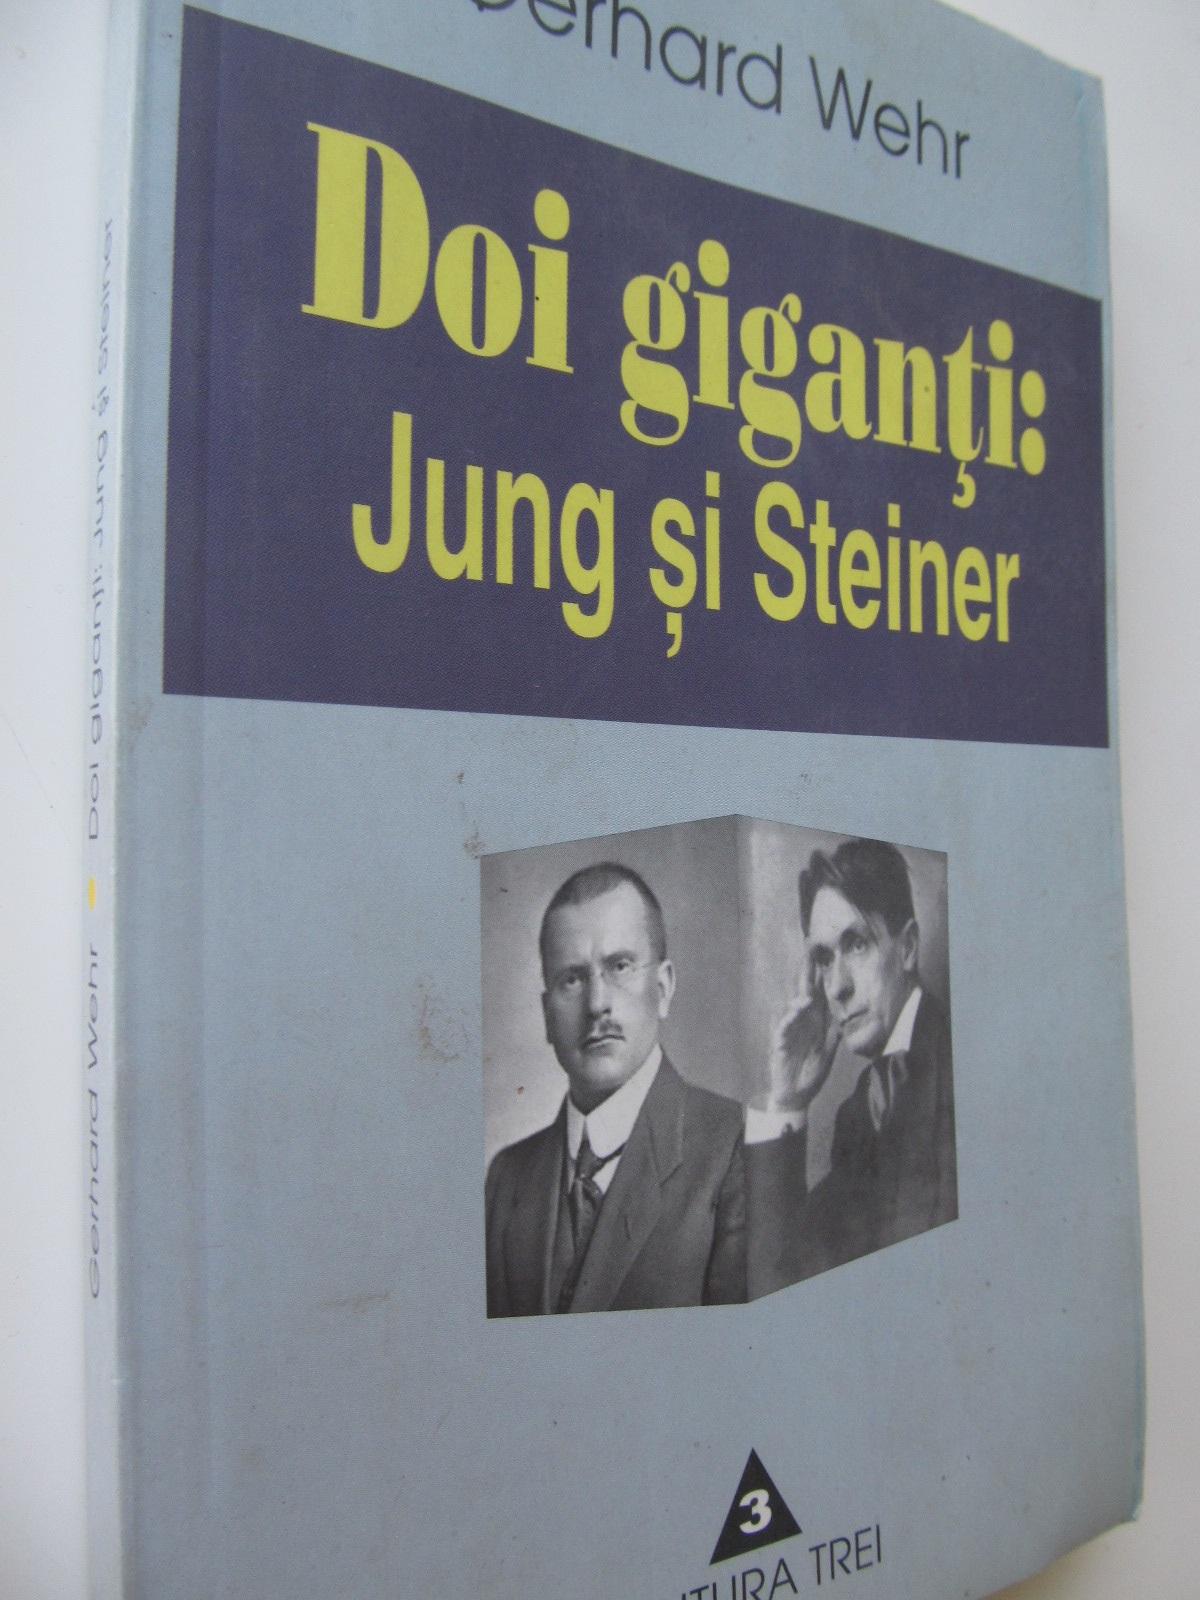 Doi giganti Jung si Steiner - Gerhard Wehr | Detalii carte